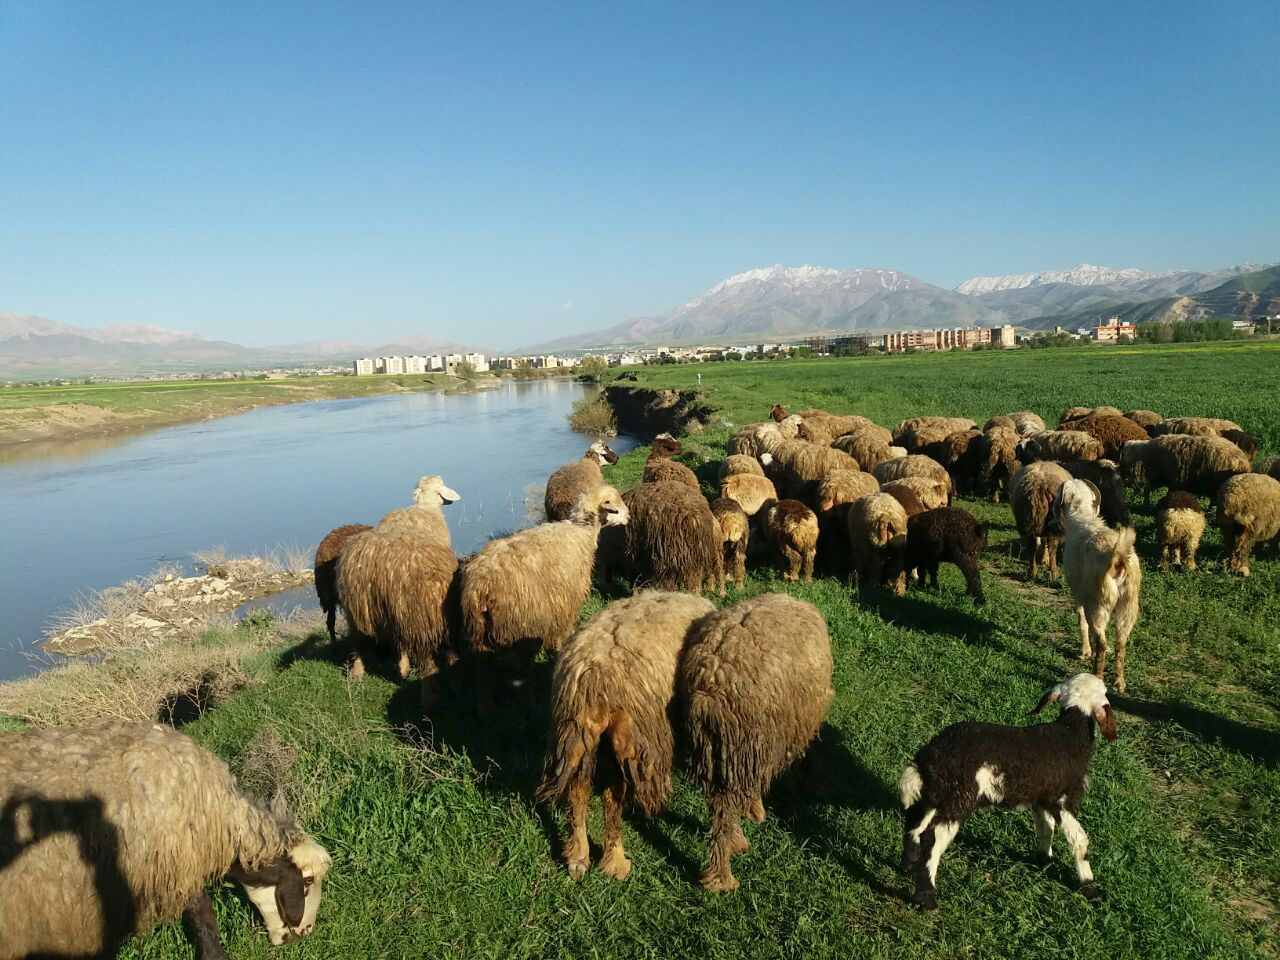 گوسفندان طبیعت رودخانه تیره دورود